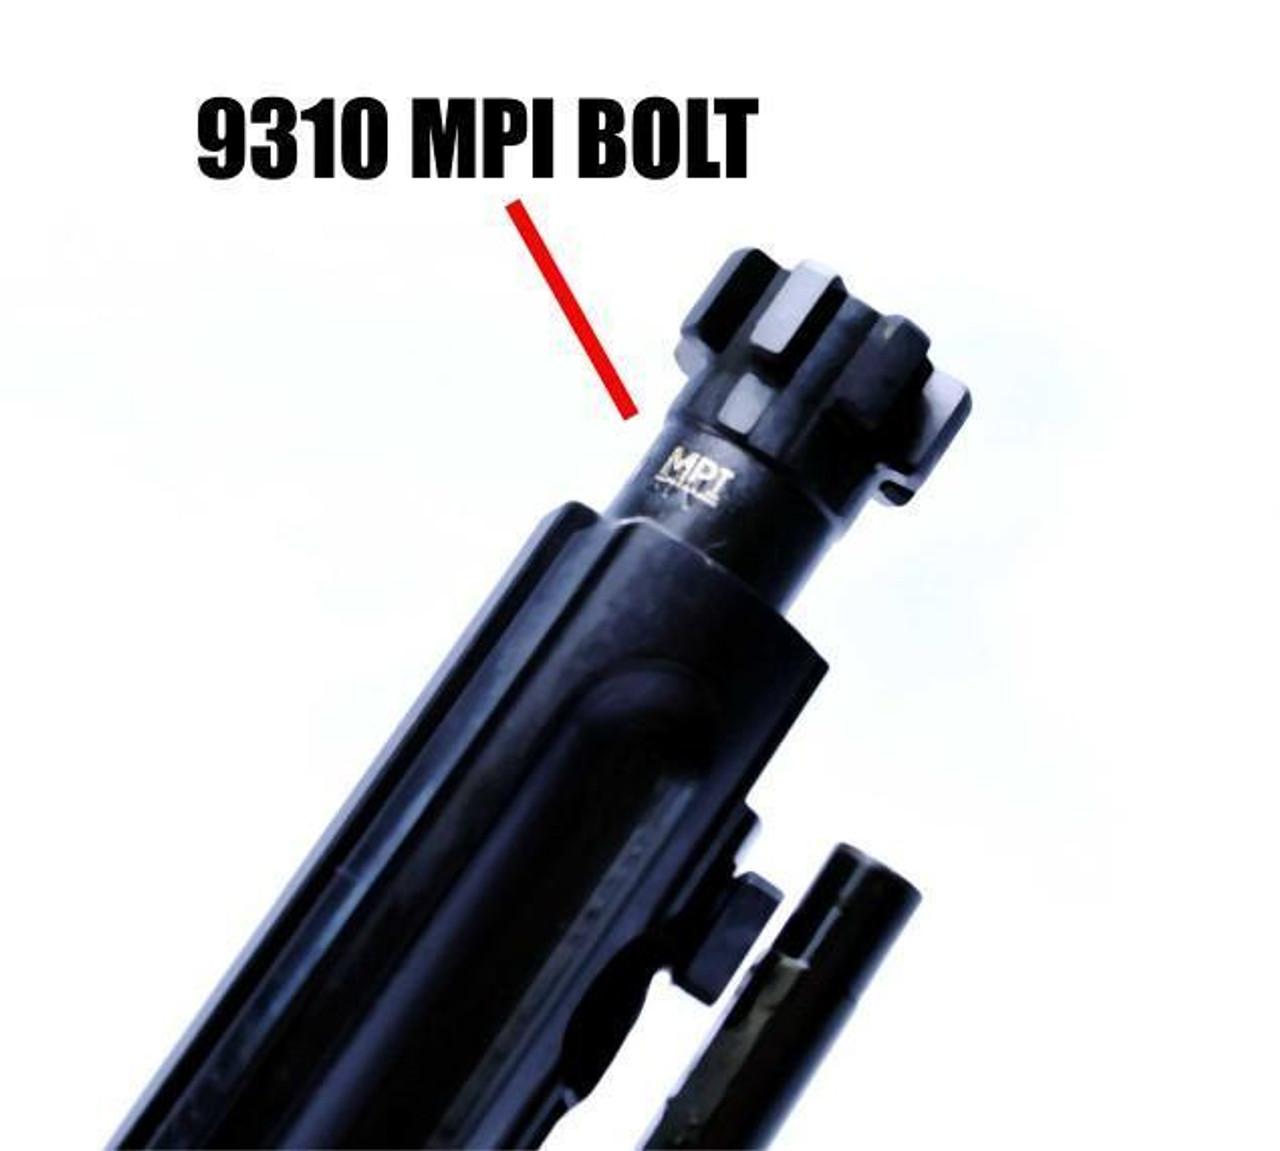 5.56/.223 BLACK NITRIDE ULTRA LIGHT LOW MASS BCG   MATCH BOLT CARRIER GROUP